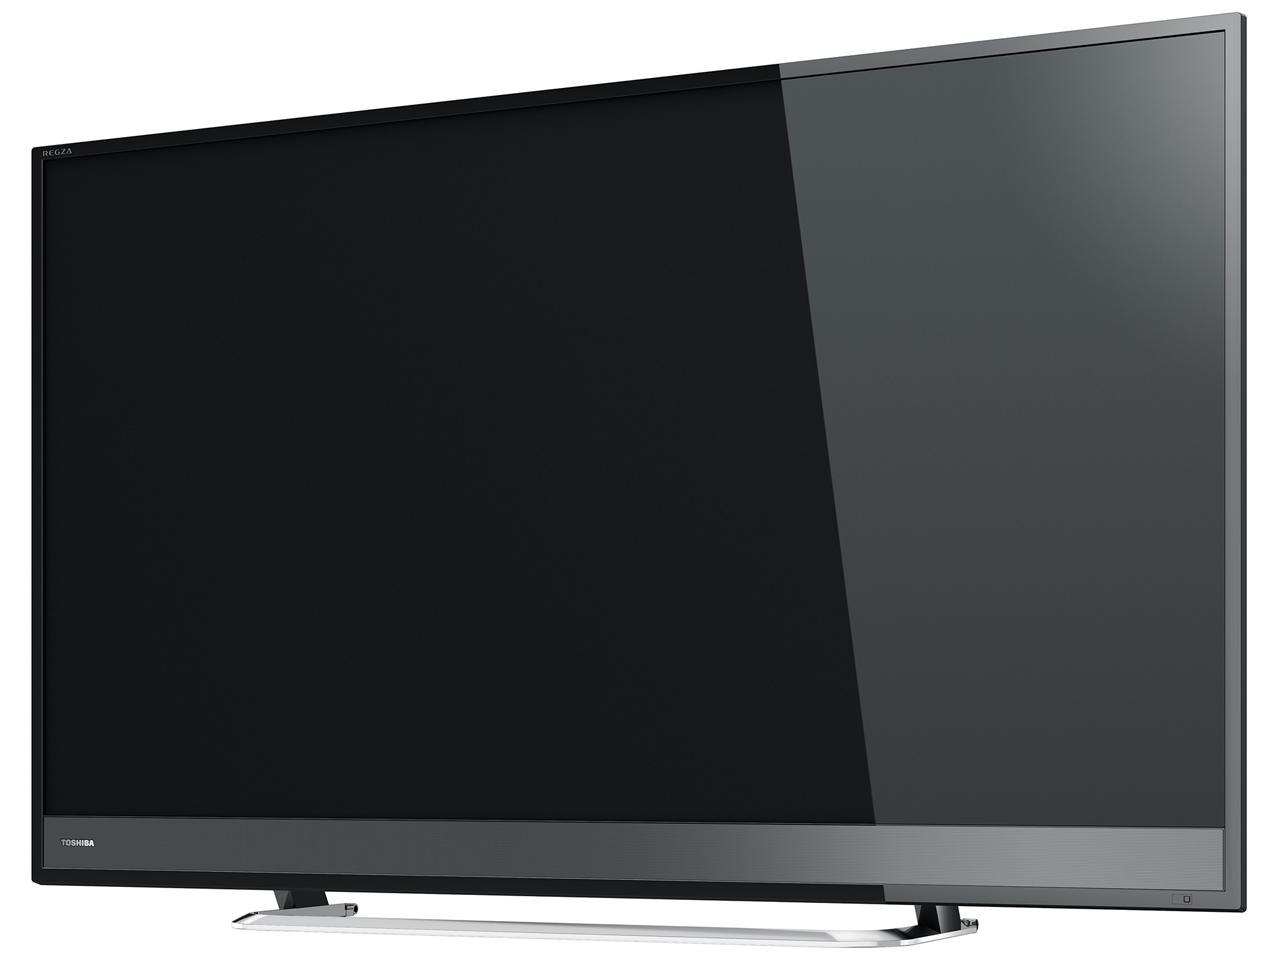 『本体 斜め』 REGZA 40M510X [40インチ ブラック] の製品画像